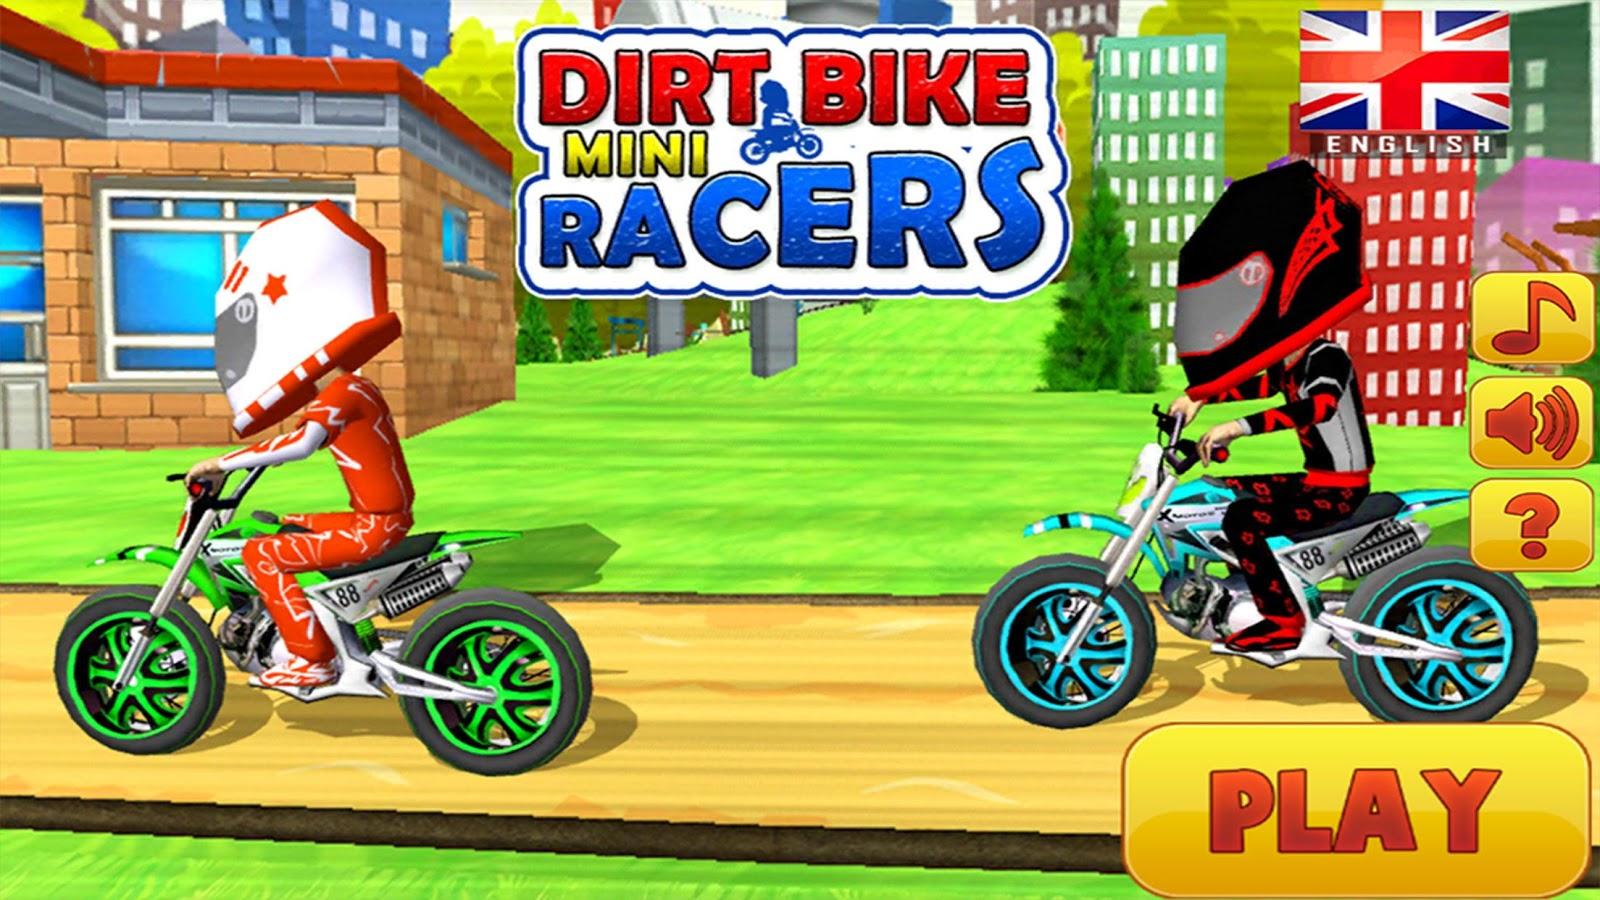 Dirt Bike Mini Racer - Dirt Bike Race For Kids - Android Apps on ...